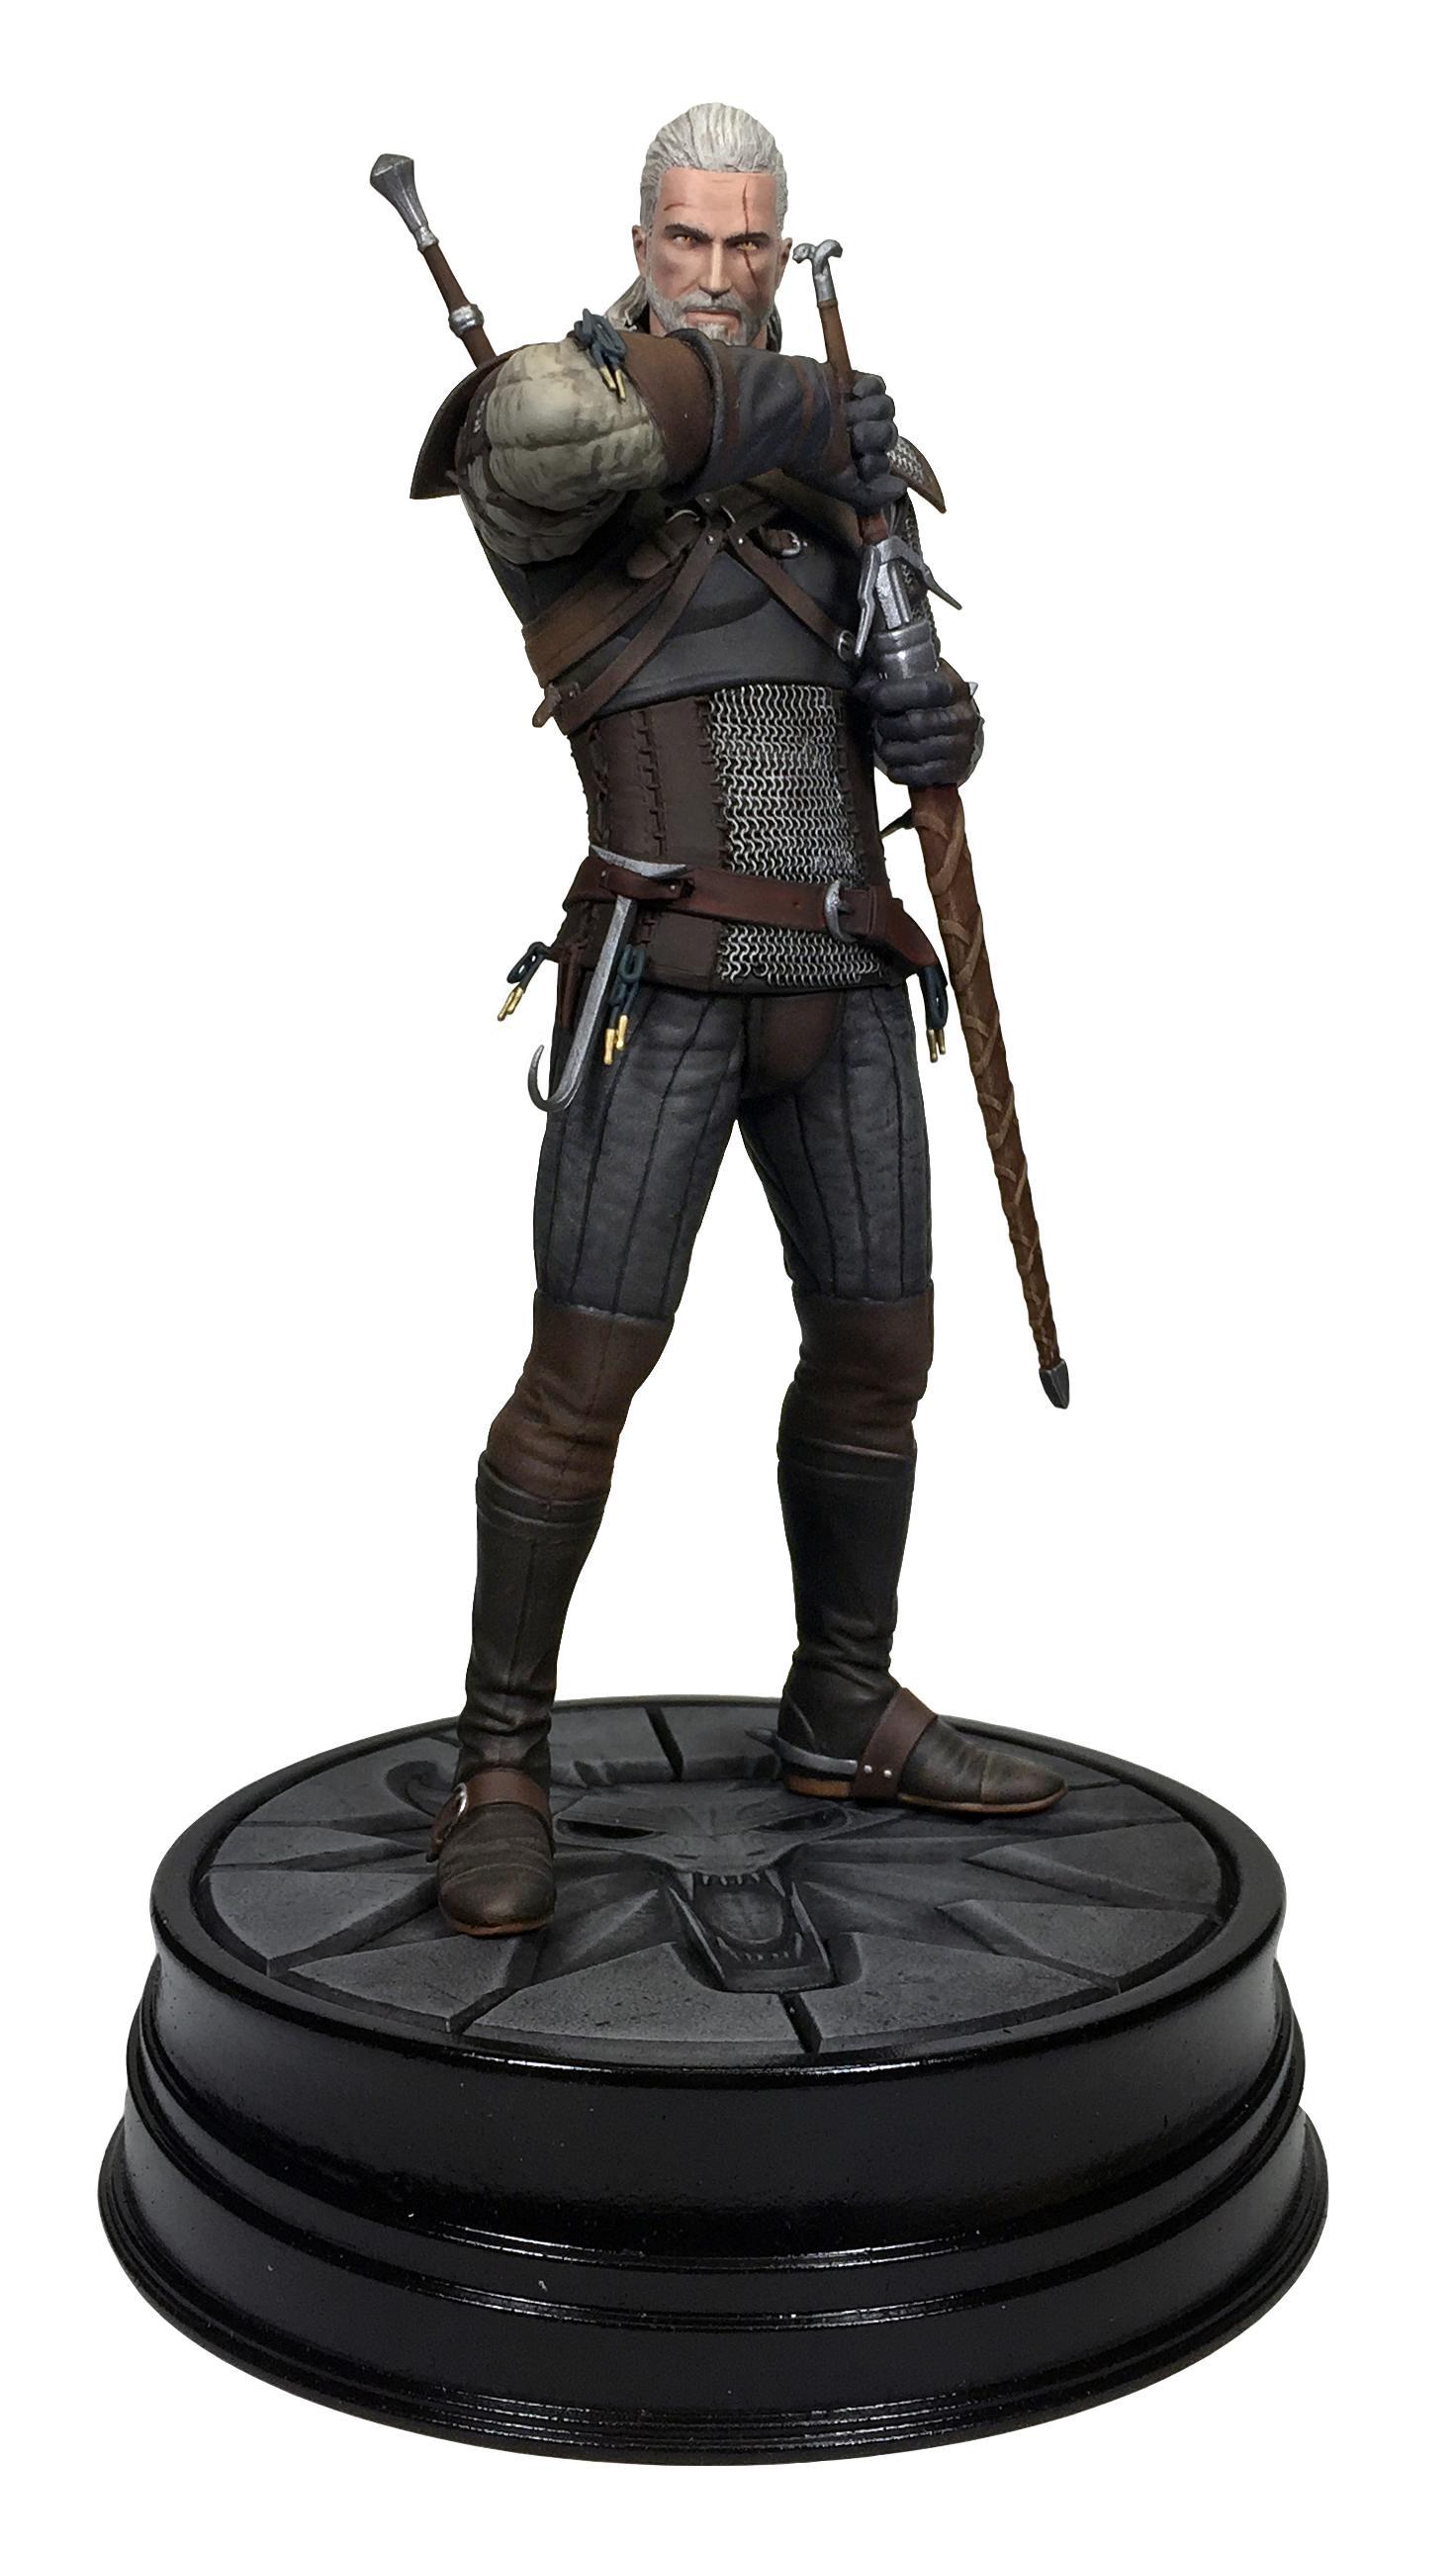 Фигурка Witcher 3: Wild Hunt. Geralt Of Rivia (20 см)Представляем вашему вниманию фигурку Witcher 3: Wild Hunt. Geralt Of Rivia, созданную по мотивам популярной компьютерной игры «Ведьмак 3: Дикая охота».<br>